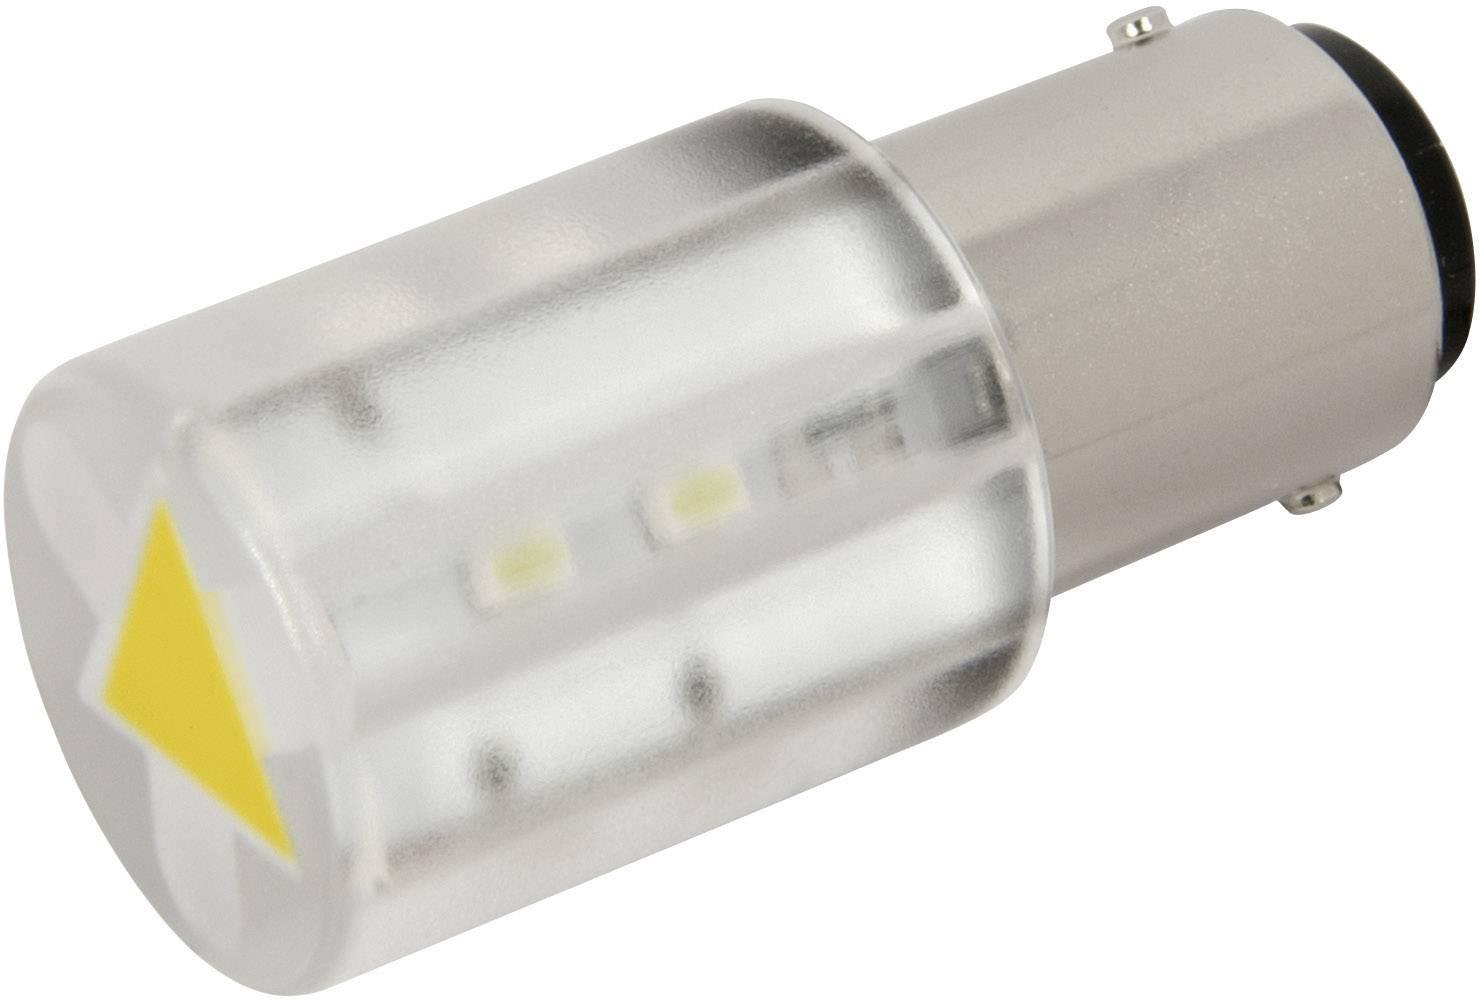 LEDžiarovka CML 18561232, BA15d, 230 V/AC, 100 mcd, žltá